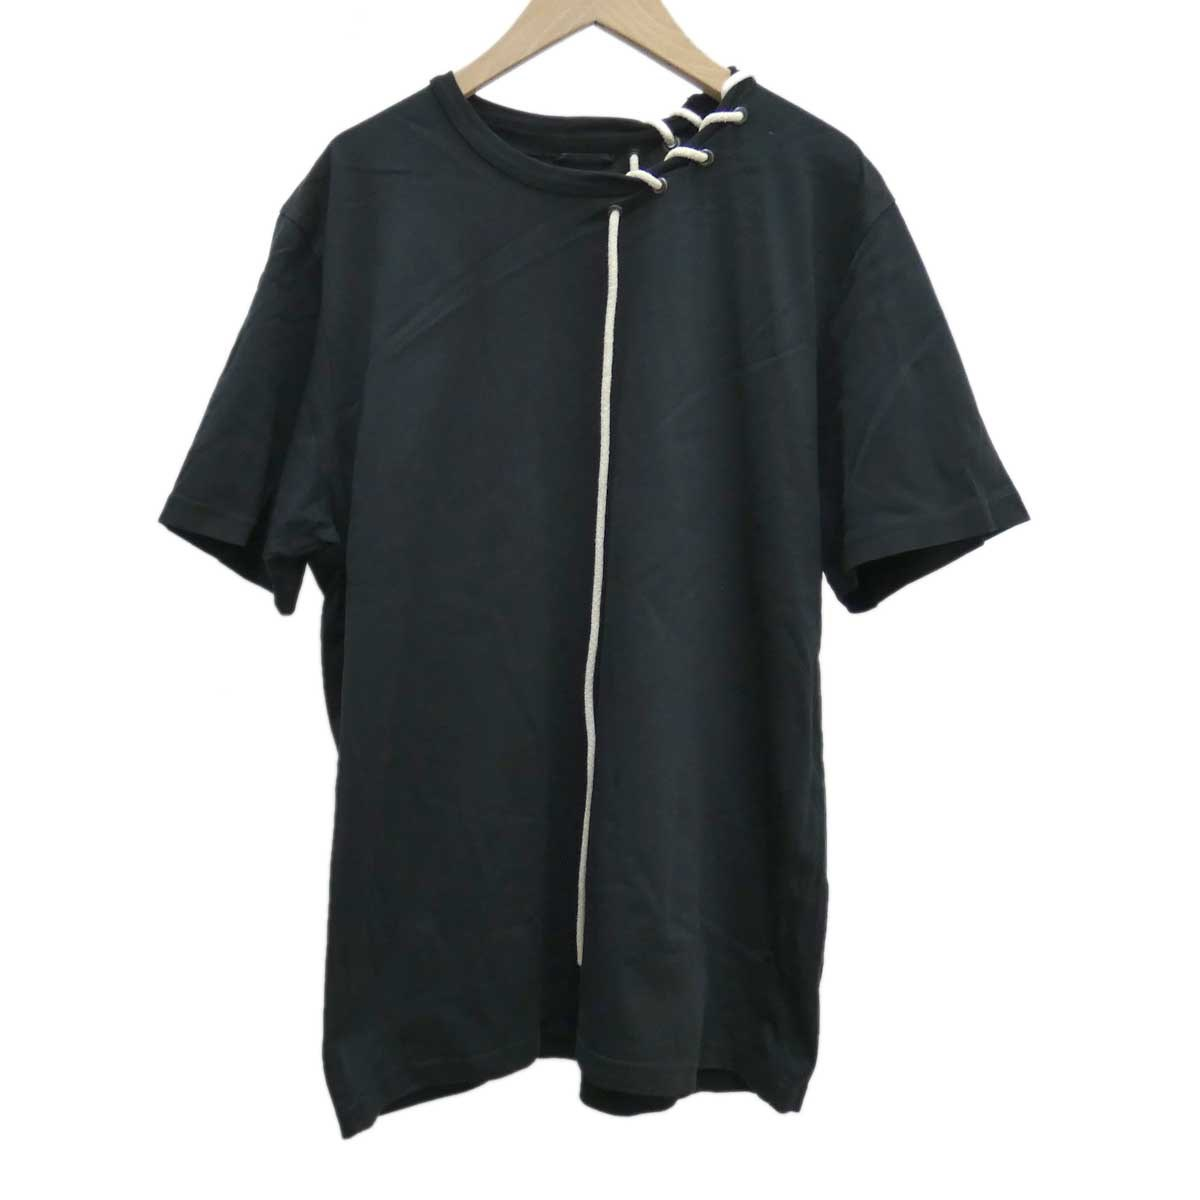 【中古】CRAIG GREEN ロープネックTシャツ ブラック サイズ:L 【160420】(クレイググリーン)